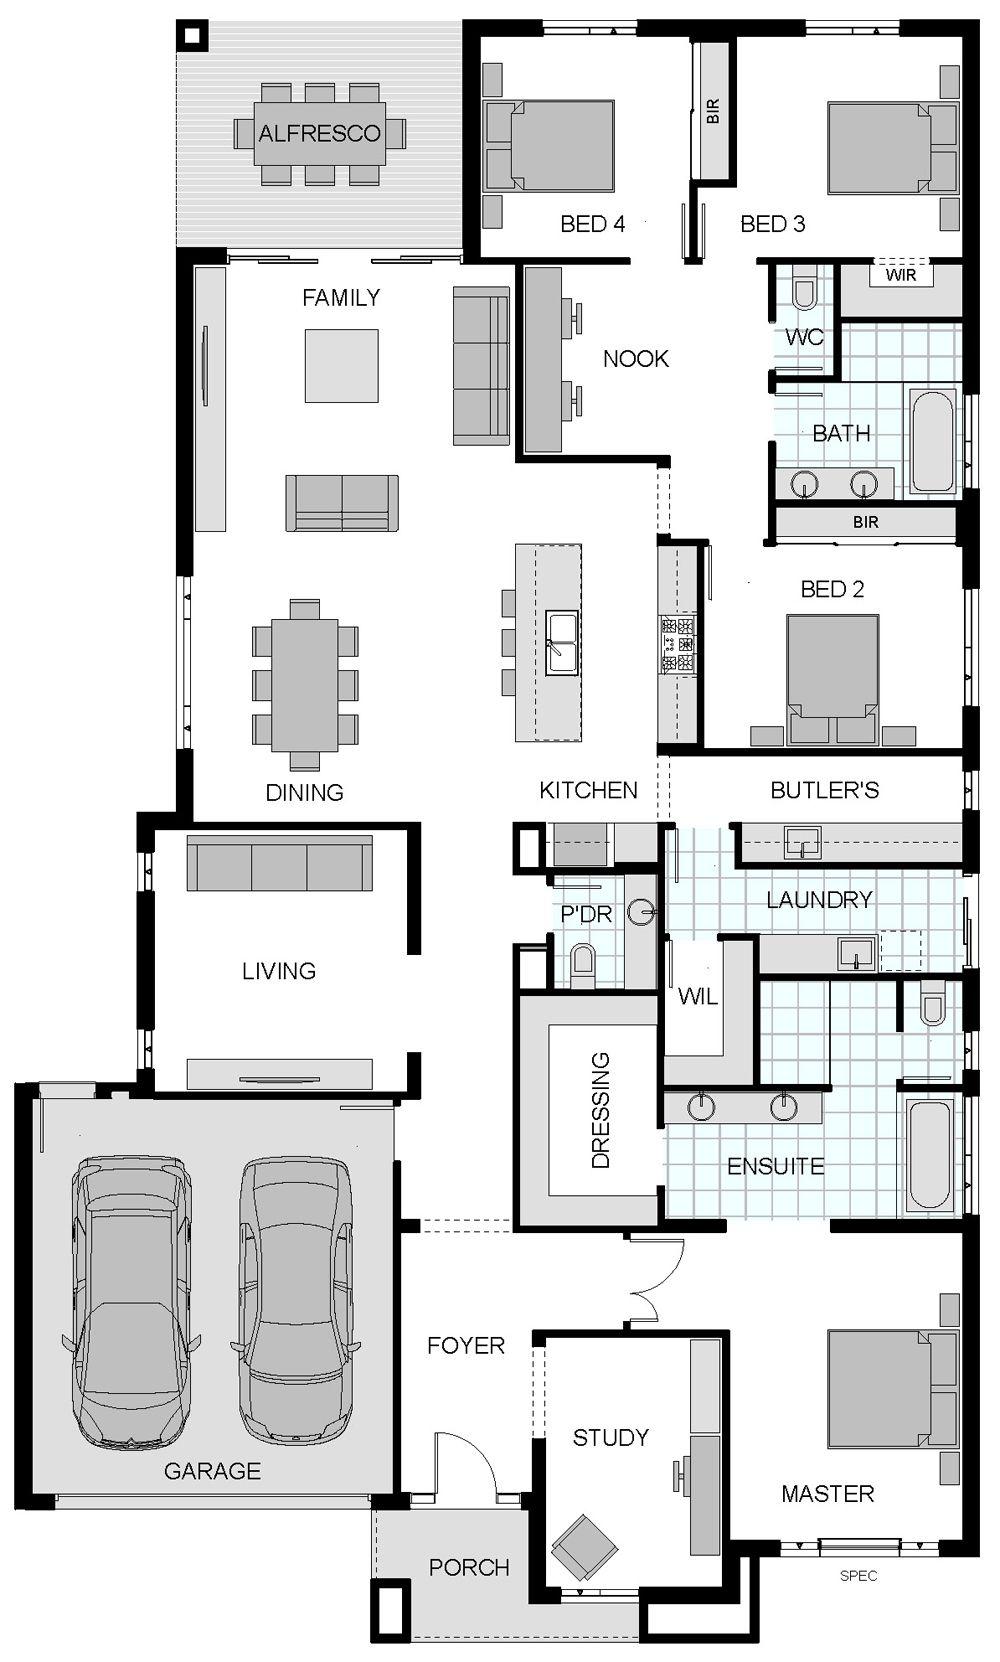 Home | Grundrisse, Häuschen Grundrisse und Traumhäuser